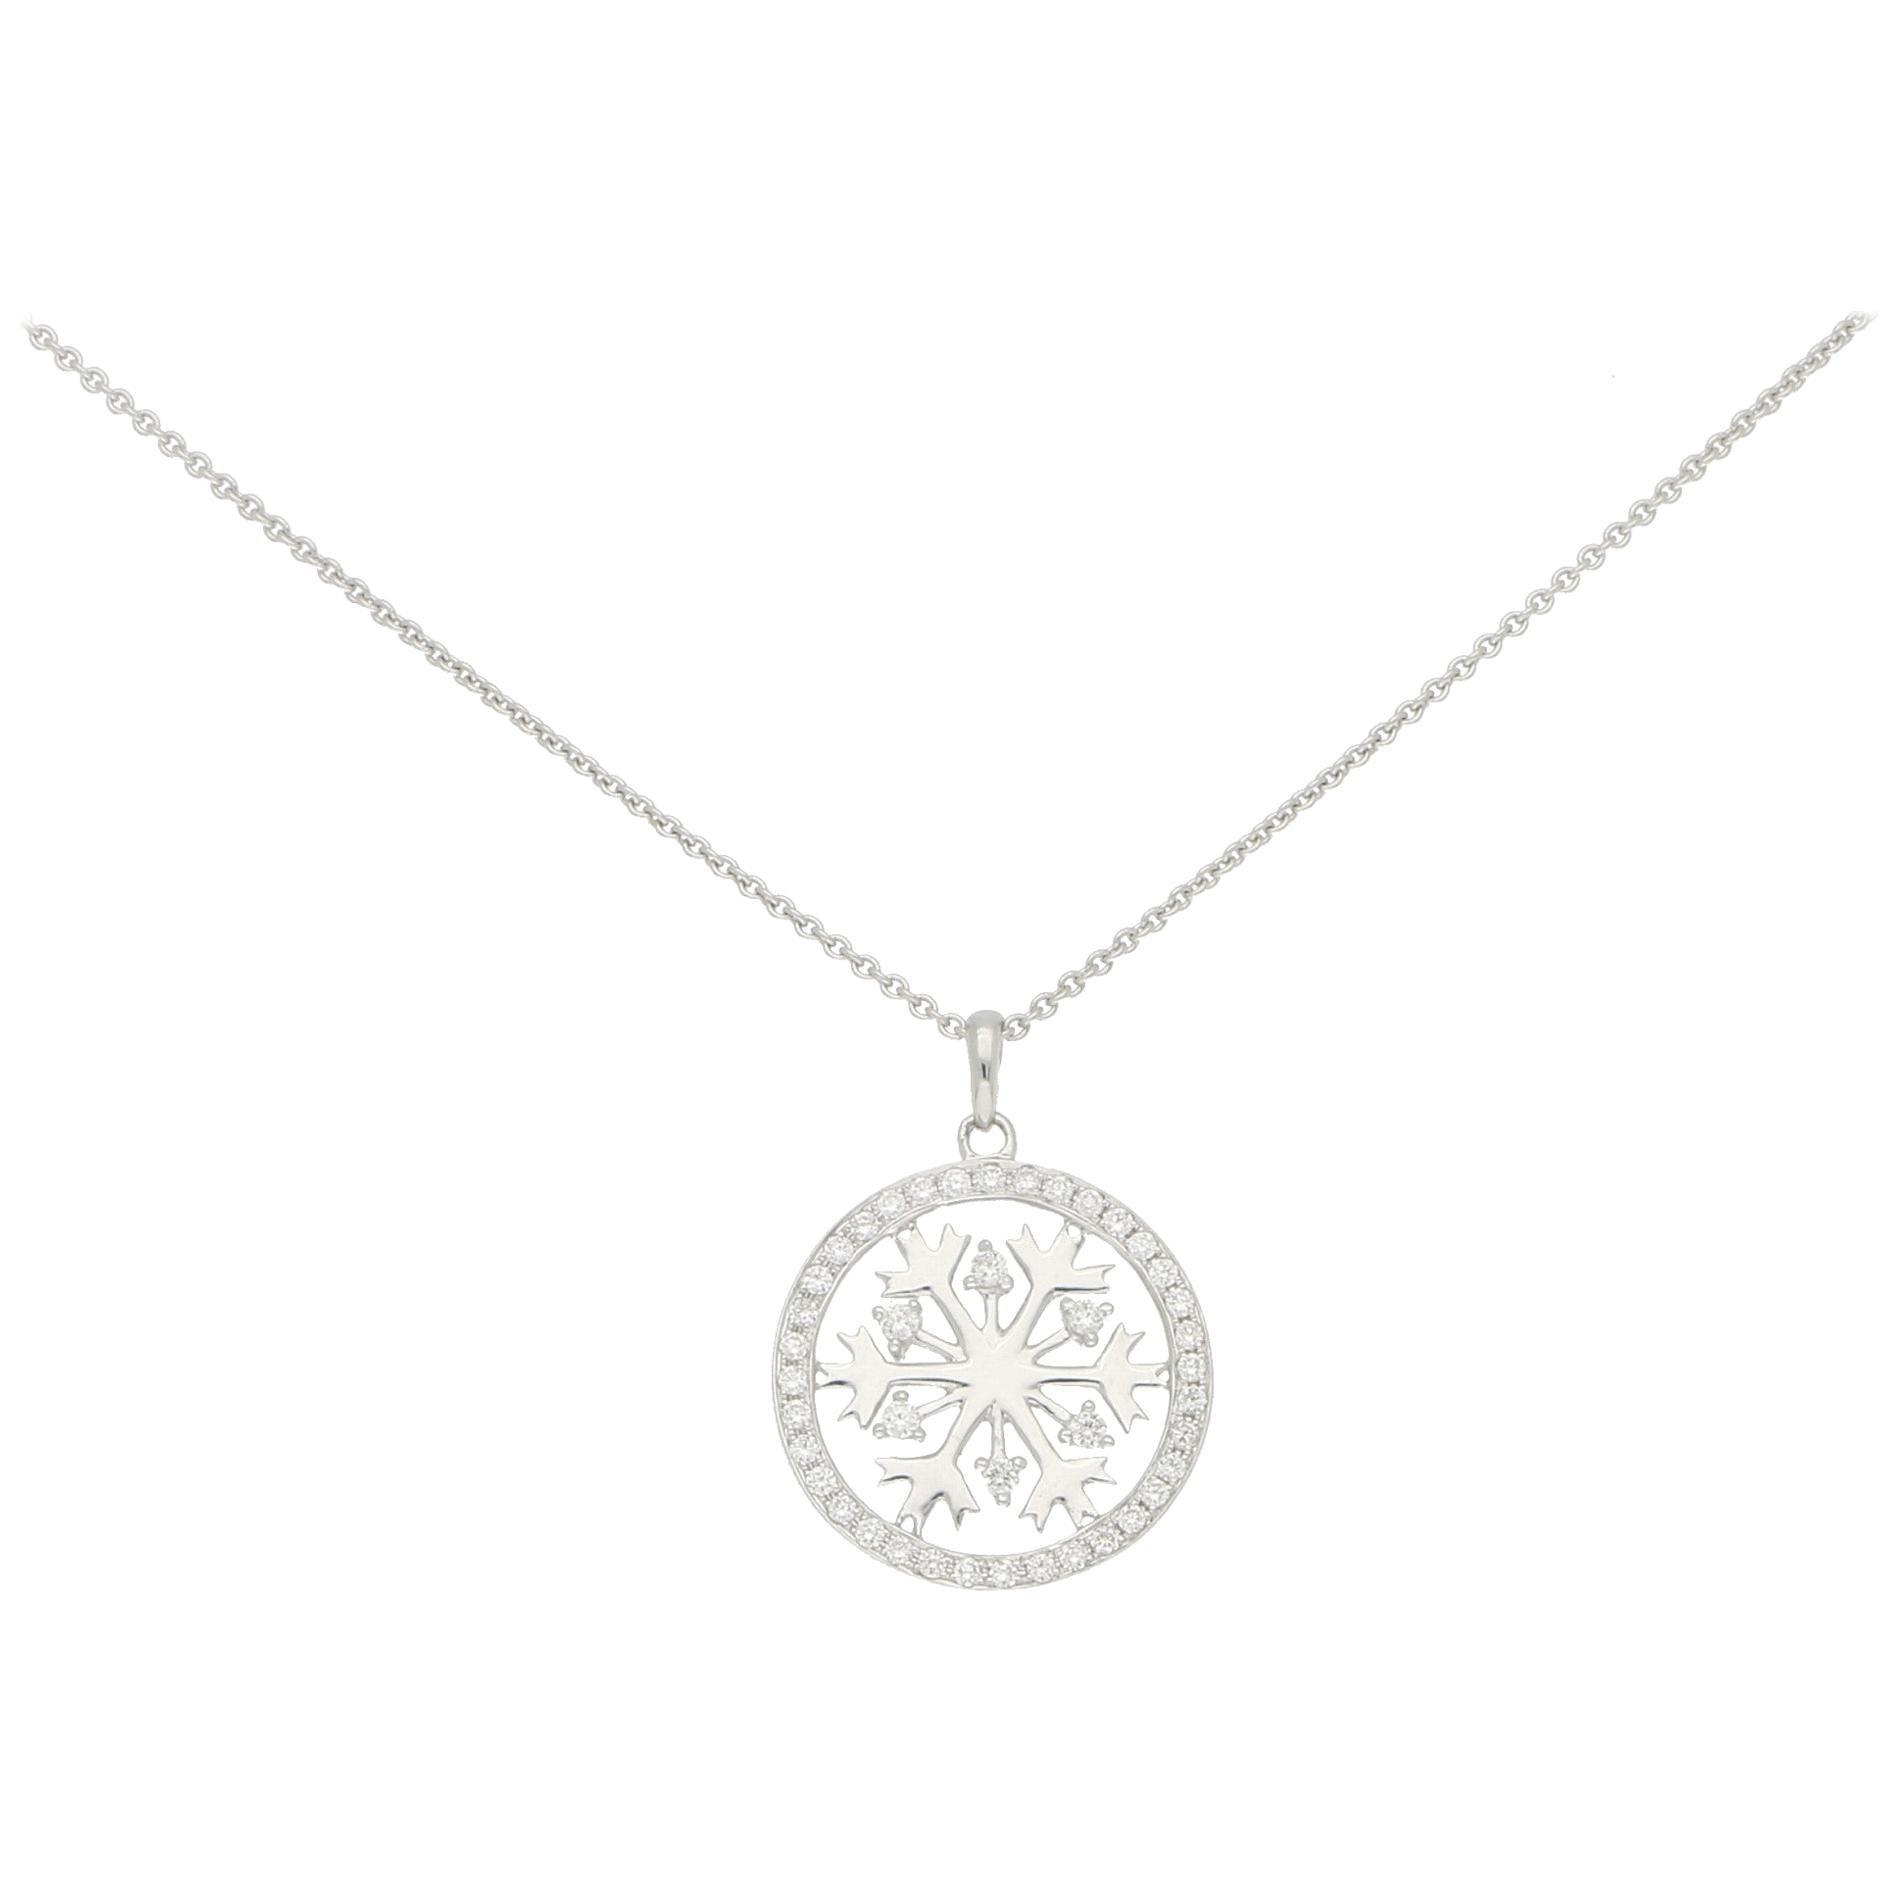 Diamond Snowflake Necklace in 18 Karat White Gold